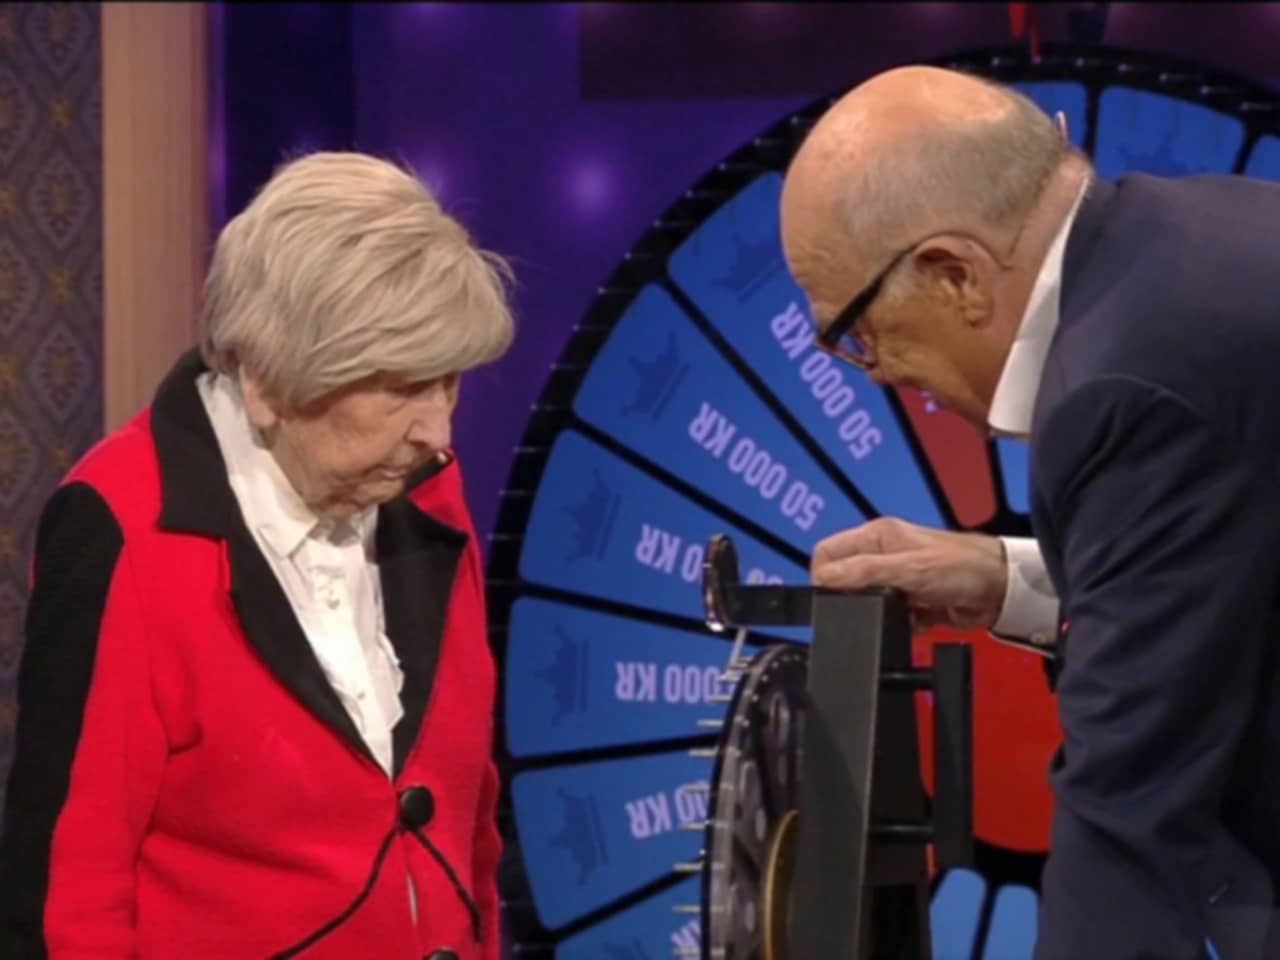 dagny 104 år